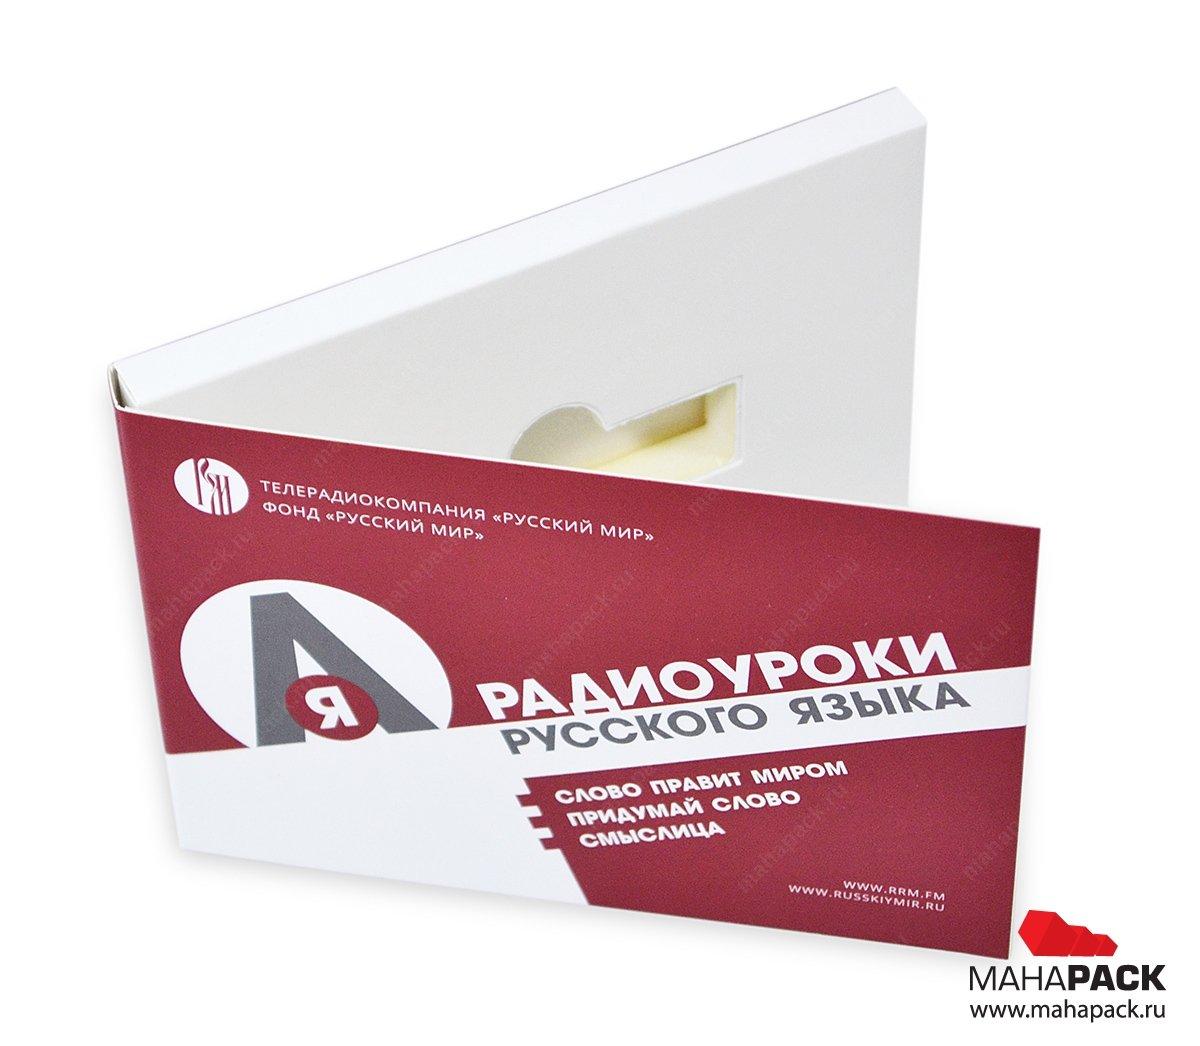 Картонная упаковка для флешки